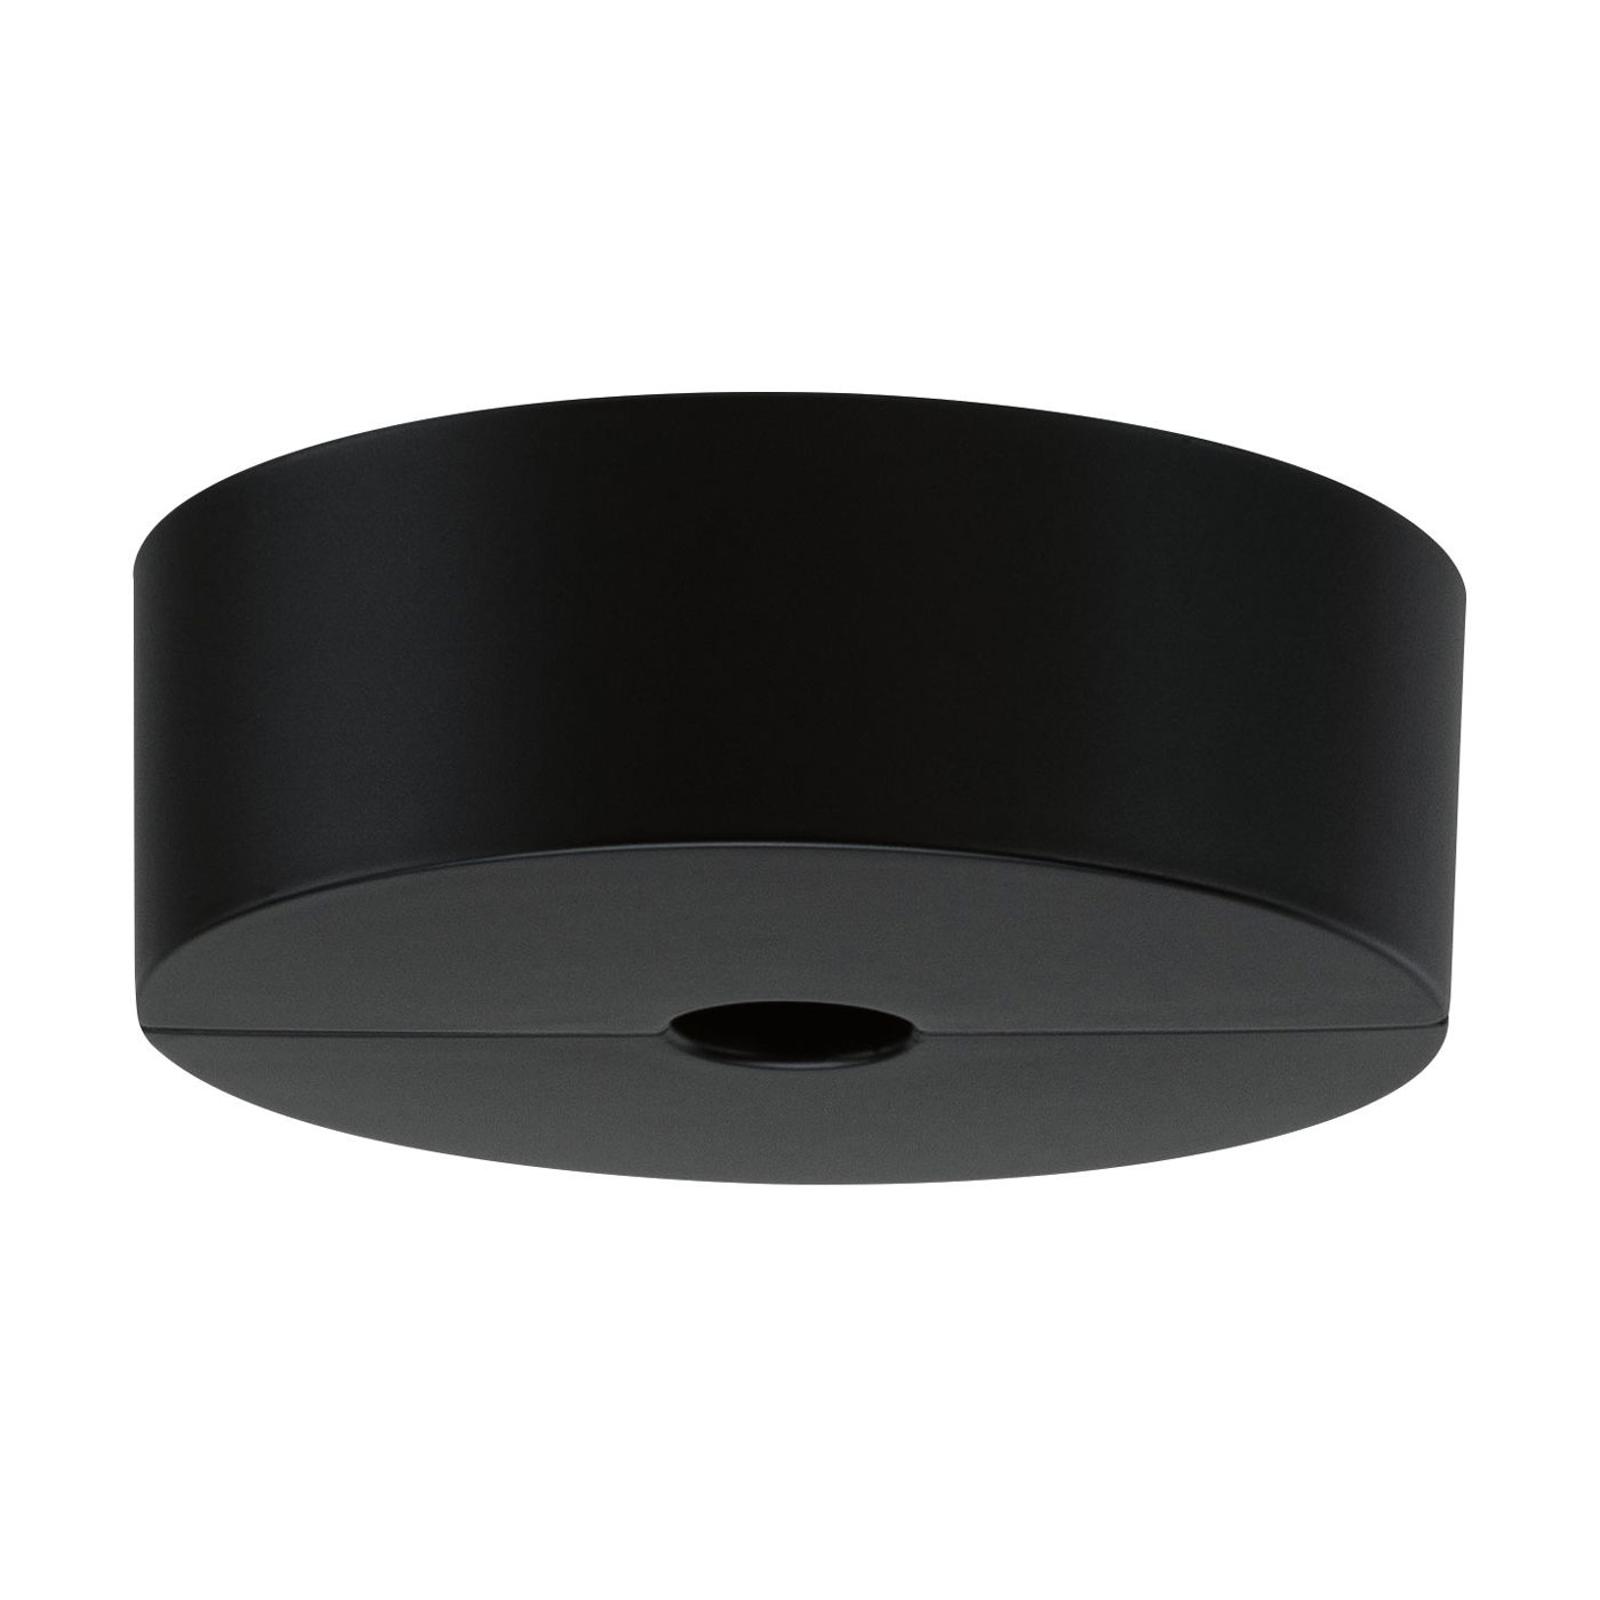 Paulmann URail enkelspotmating matt svart